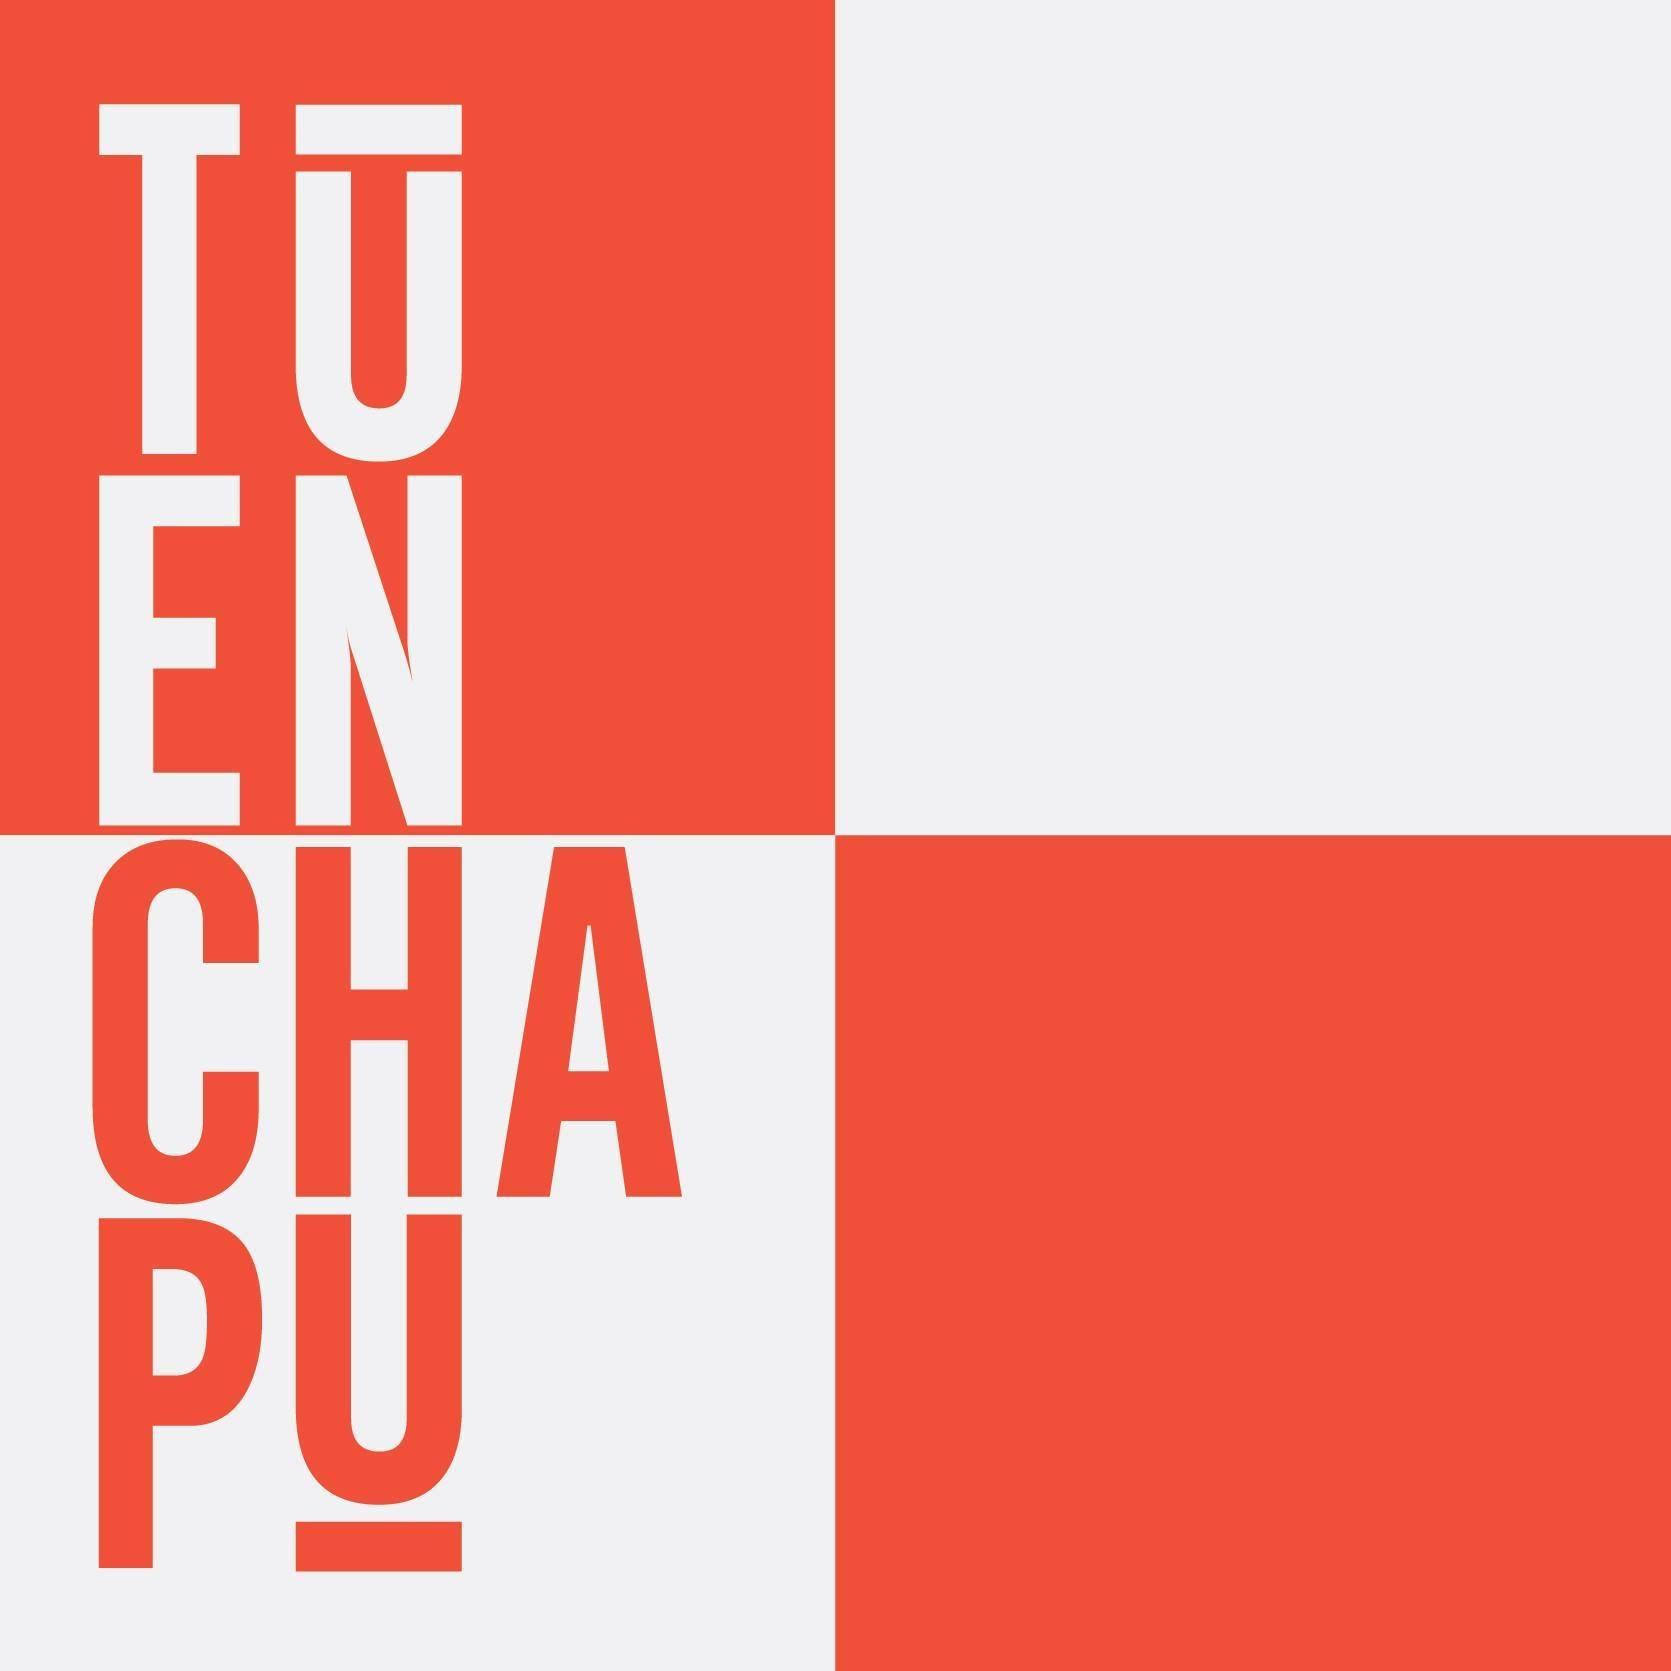 Tu en Chapu